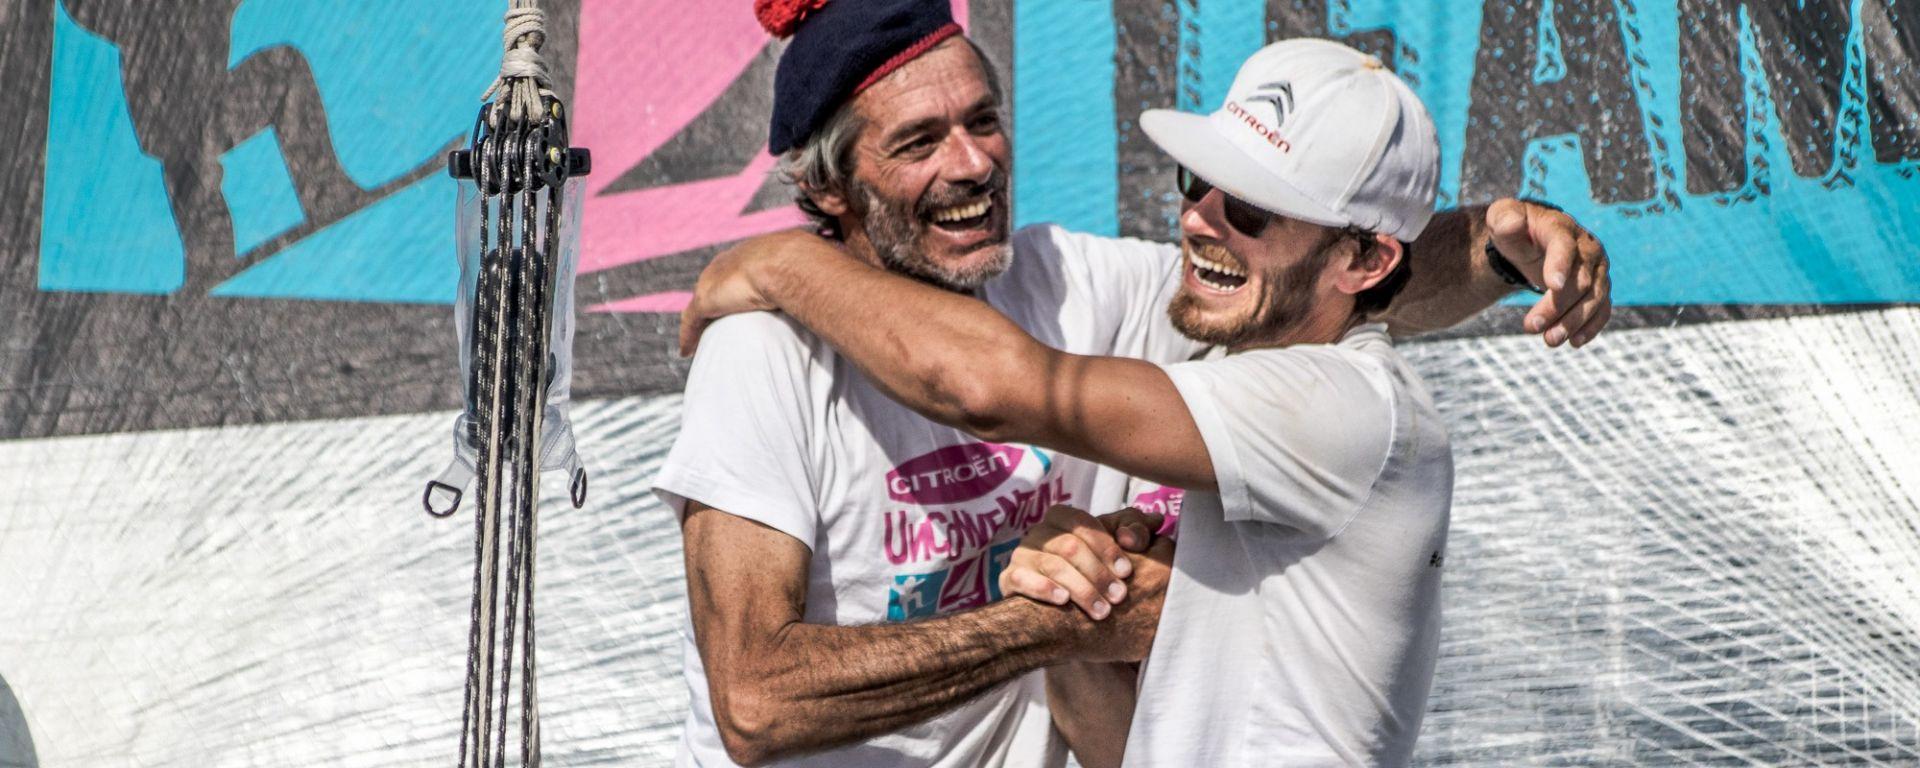 Un nuovo record per Vittorio e Nico Malingri, con la maglia dell'Unconventional Team Citroen